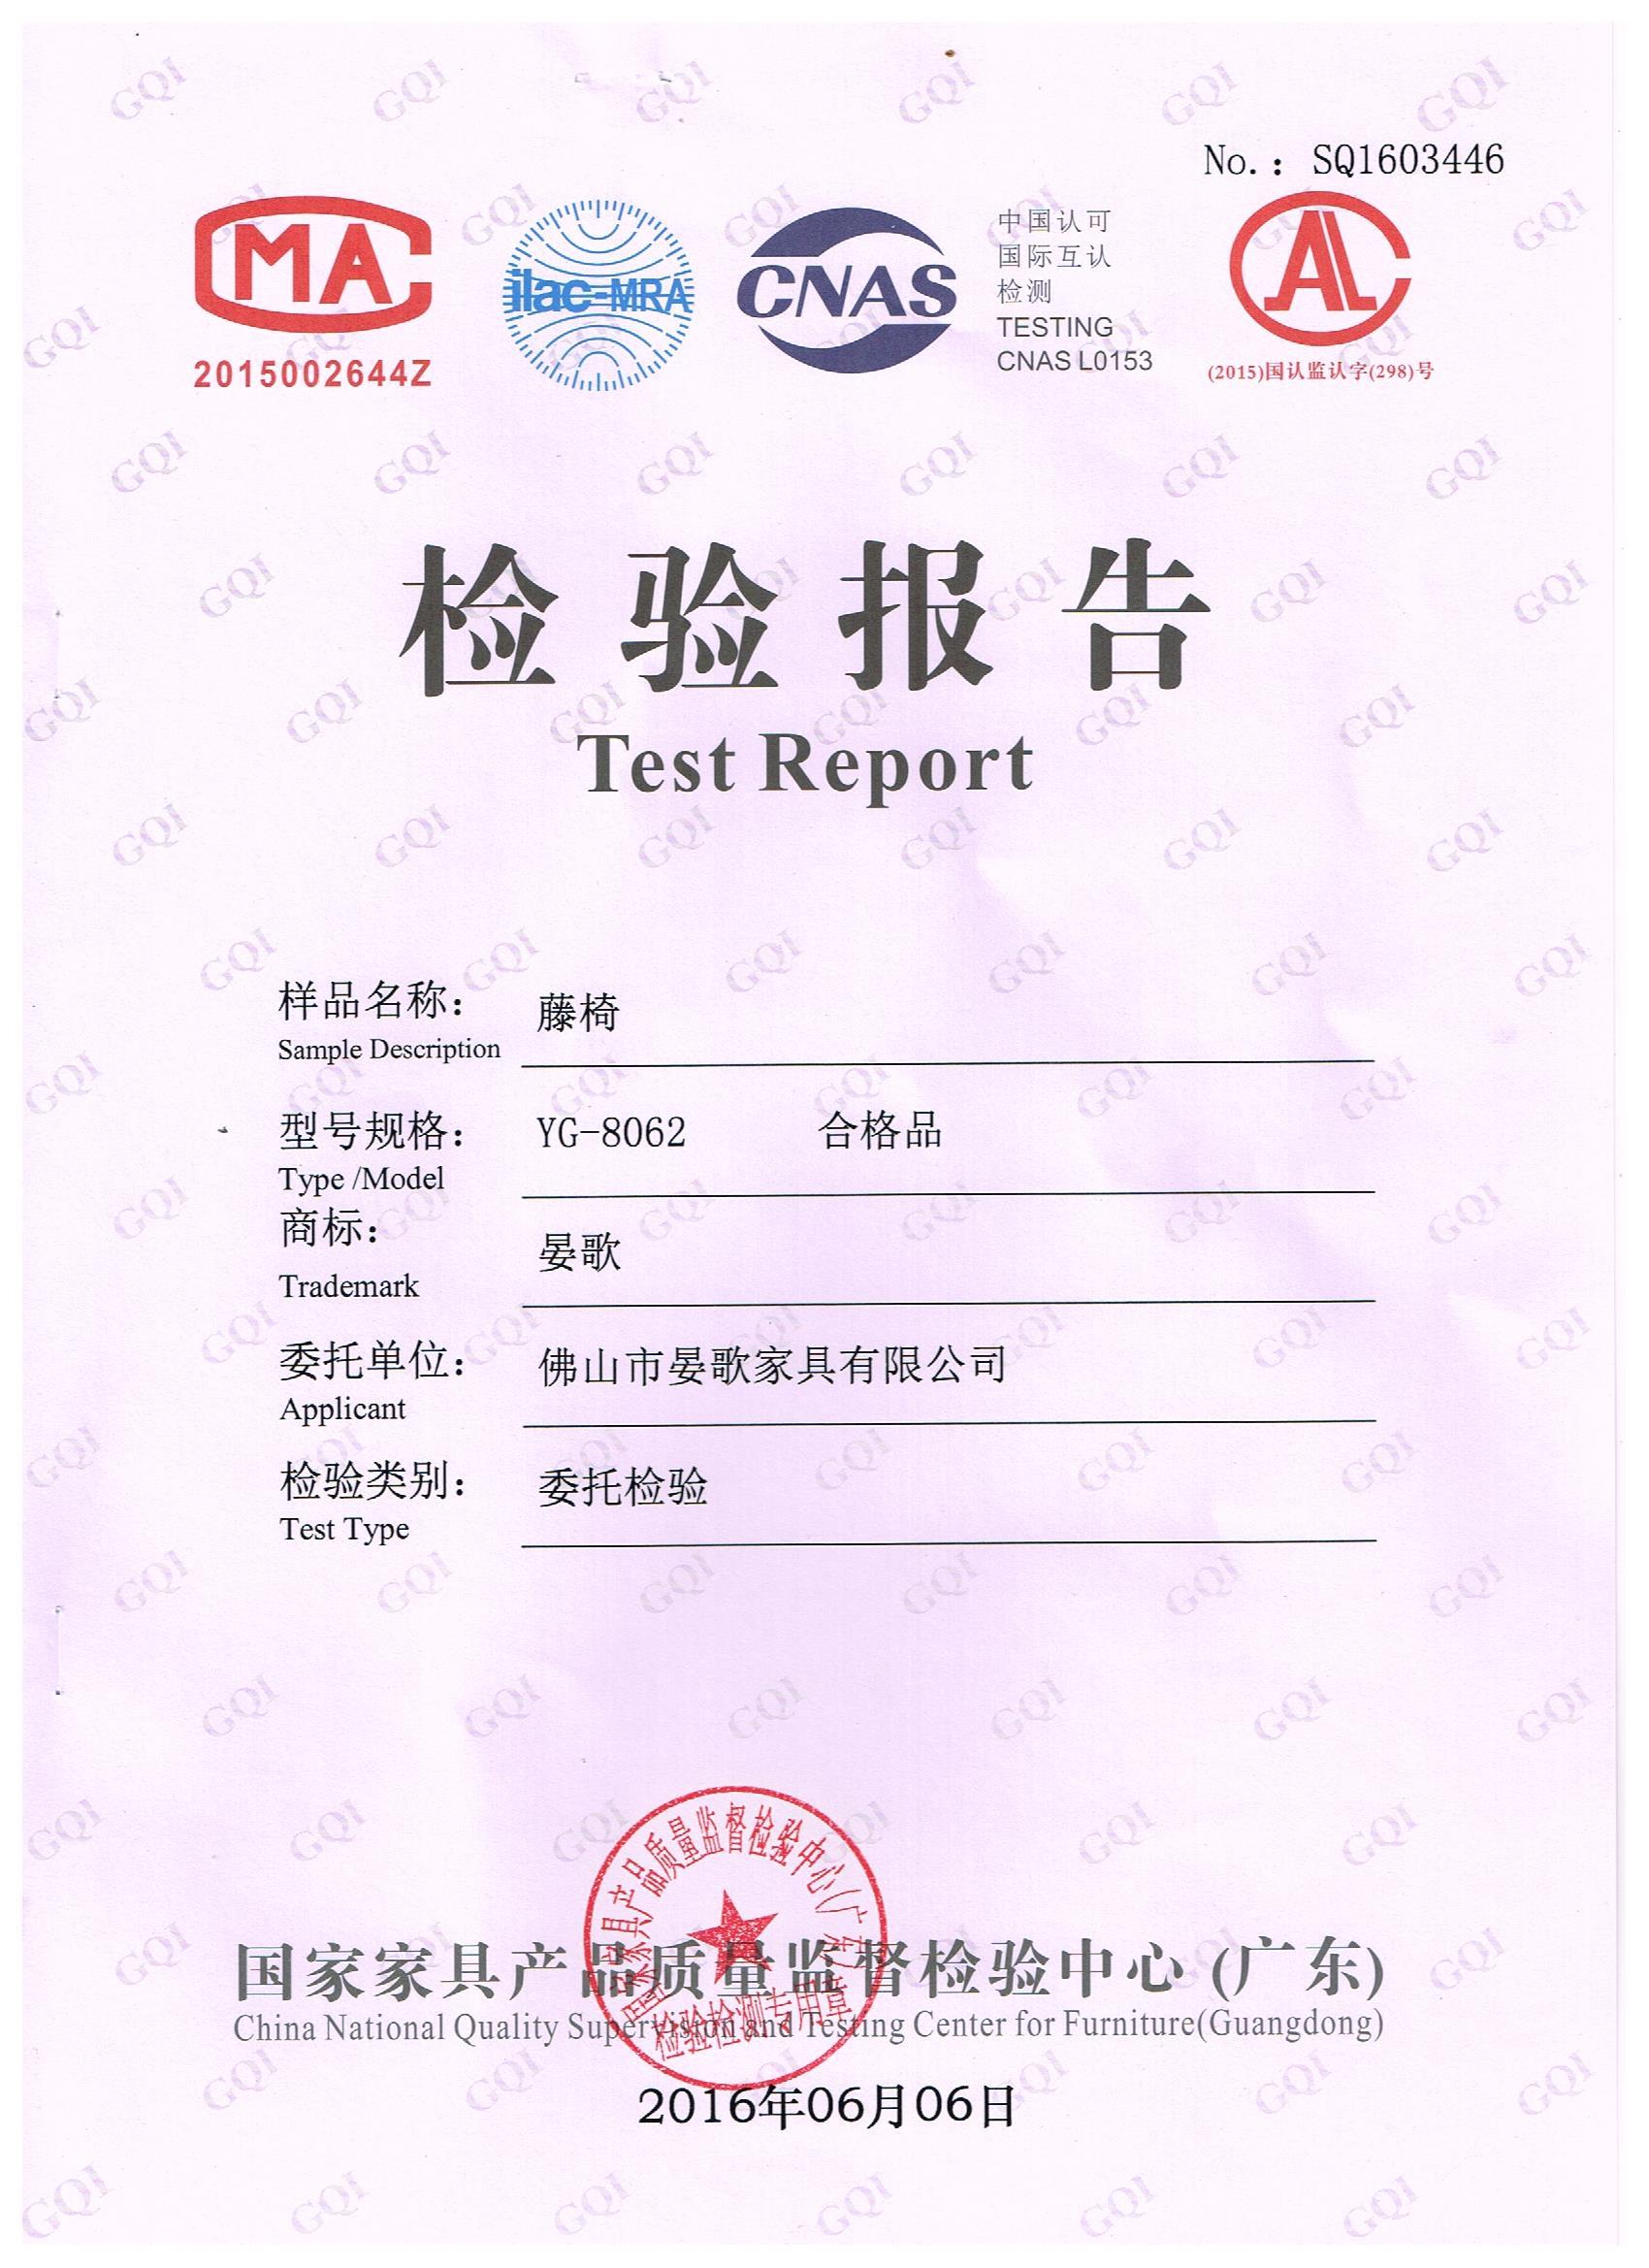 检验报告001